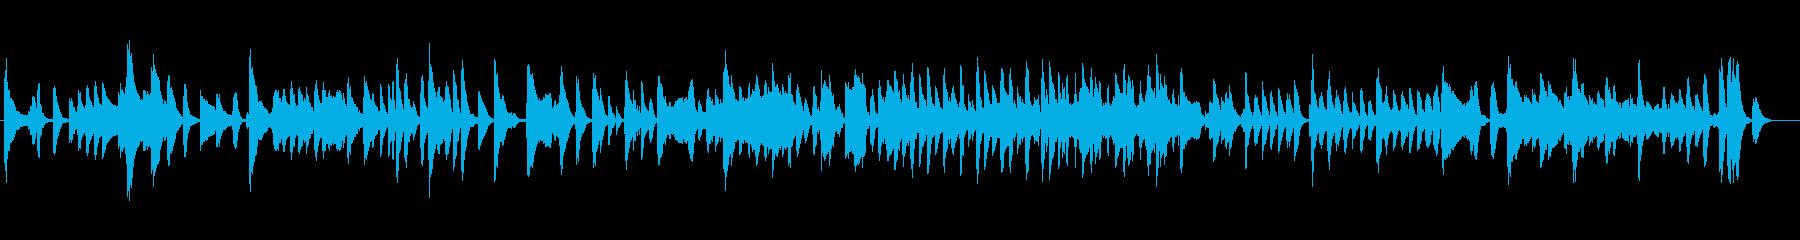 いたずらっぽく、ワクワクとしたBGMの再生済みの波形